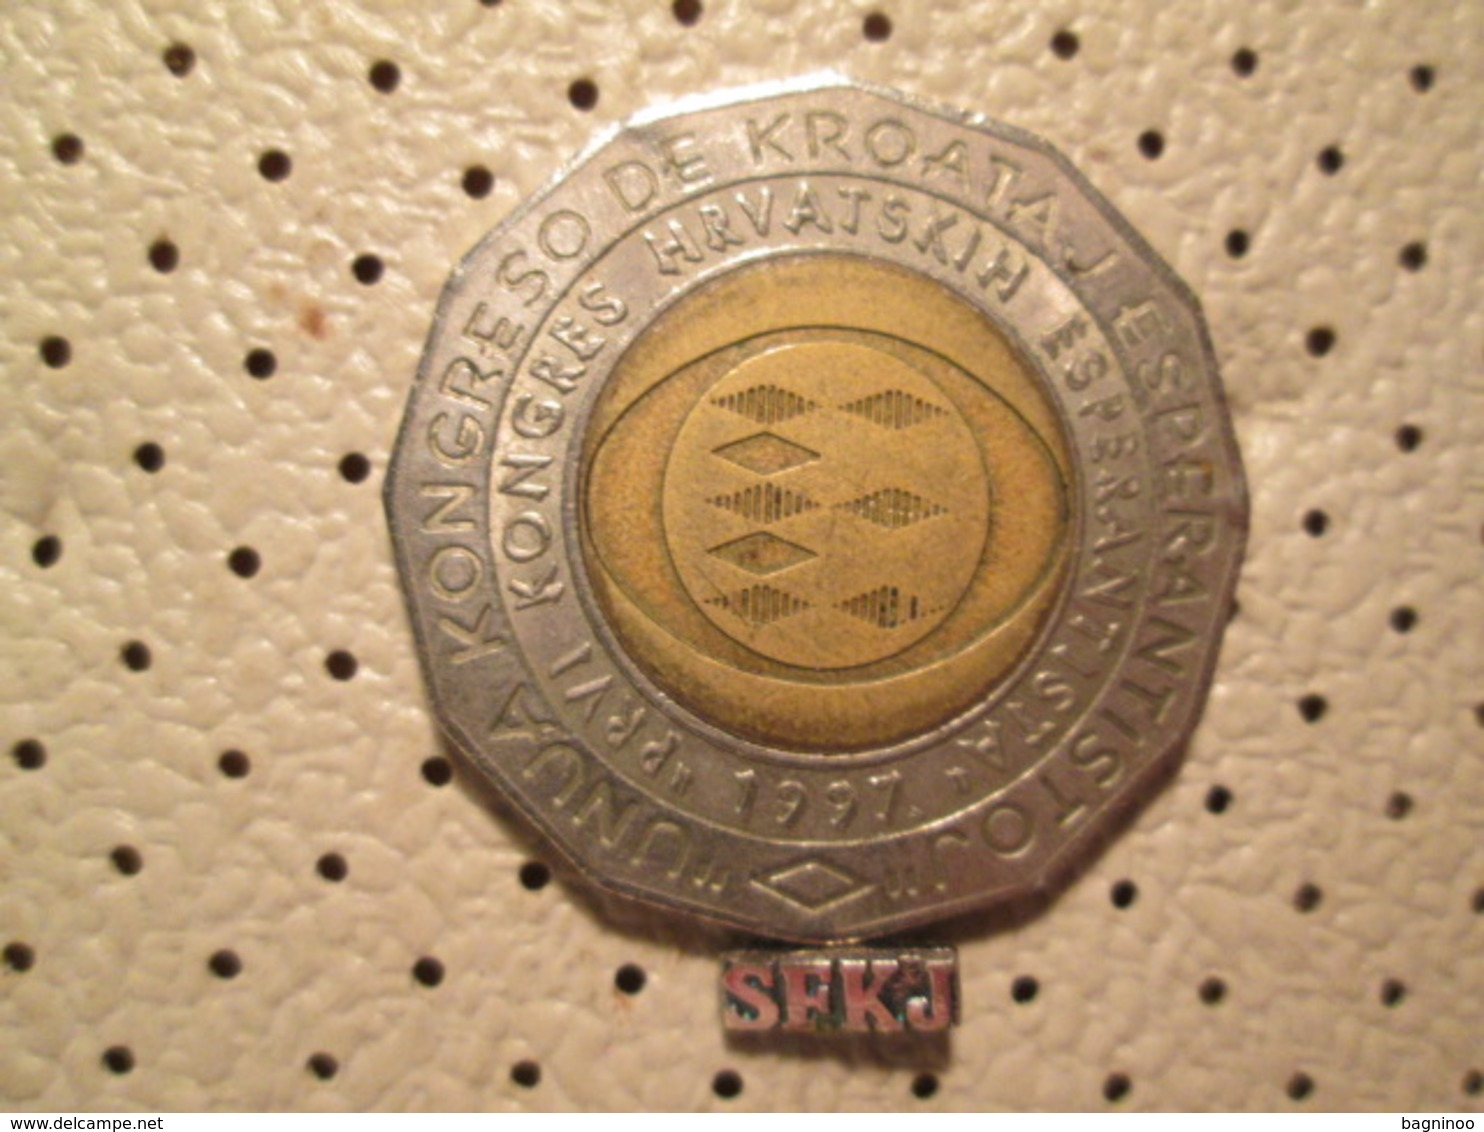 CROATIA 25 Kuna 1997 Bimetal First Congreso Esperantista # 4 - Croatia